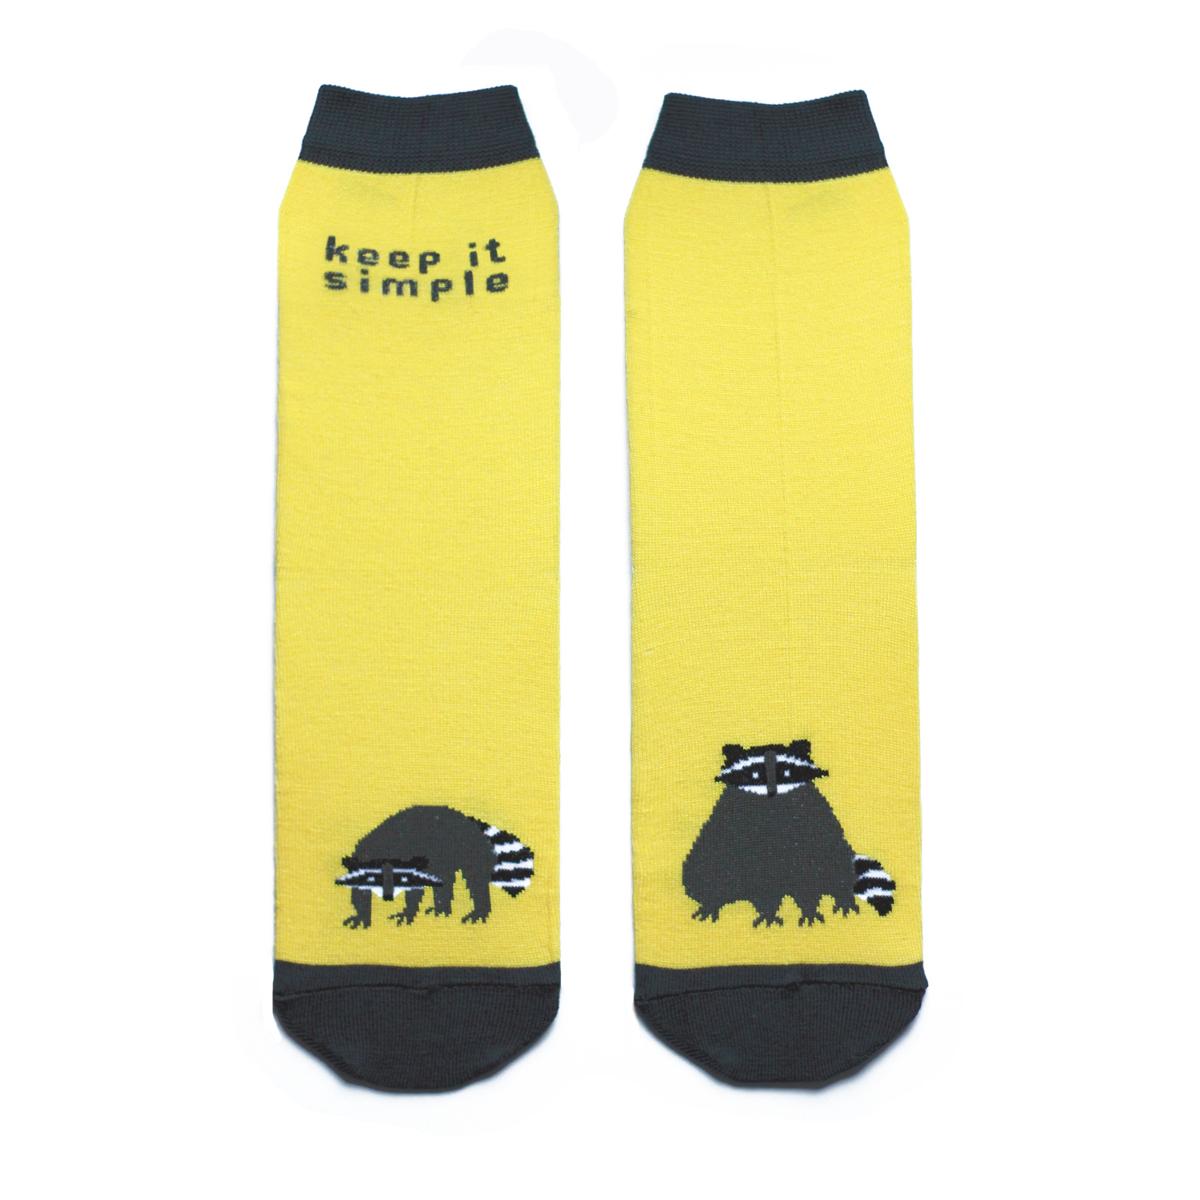 Носки мужские. ca1233_махровыеca1233_махровыеМужские махровые носки Big Bang Socks изготовлены из высококачественного хлопка с добавлением полиамидных и эластановых волокон, которые обеспечивают великолепную посадку. Носки отличаются ярким стильным дизайном, они оформлены изображением енота и надписью: Keep it simple. Удобная широкая резинка идеально облегает ногу и не пережимает сосуды, усиленные пятка и мысок повышают износоустойчивость носка, а удлиненный паголенок придает более эстетичный вид. Дизайнерские носки Big Bang Socks - яркая деталь в вашем образе и оригинальный подарок для друзей и близких.